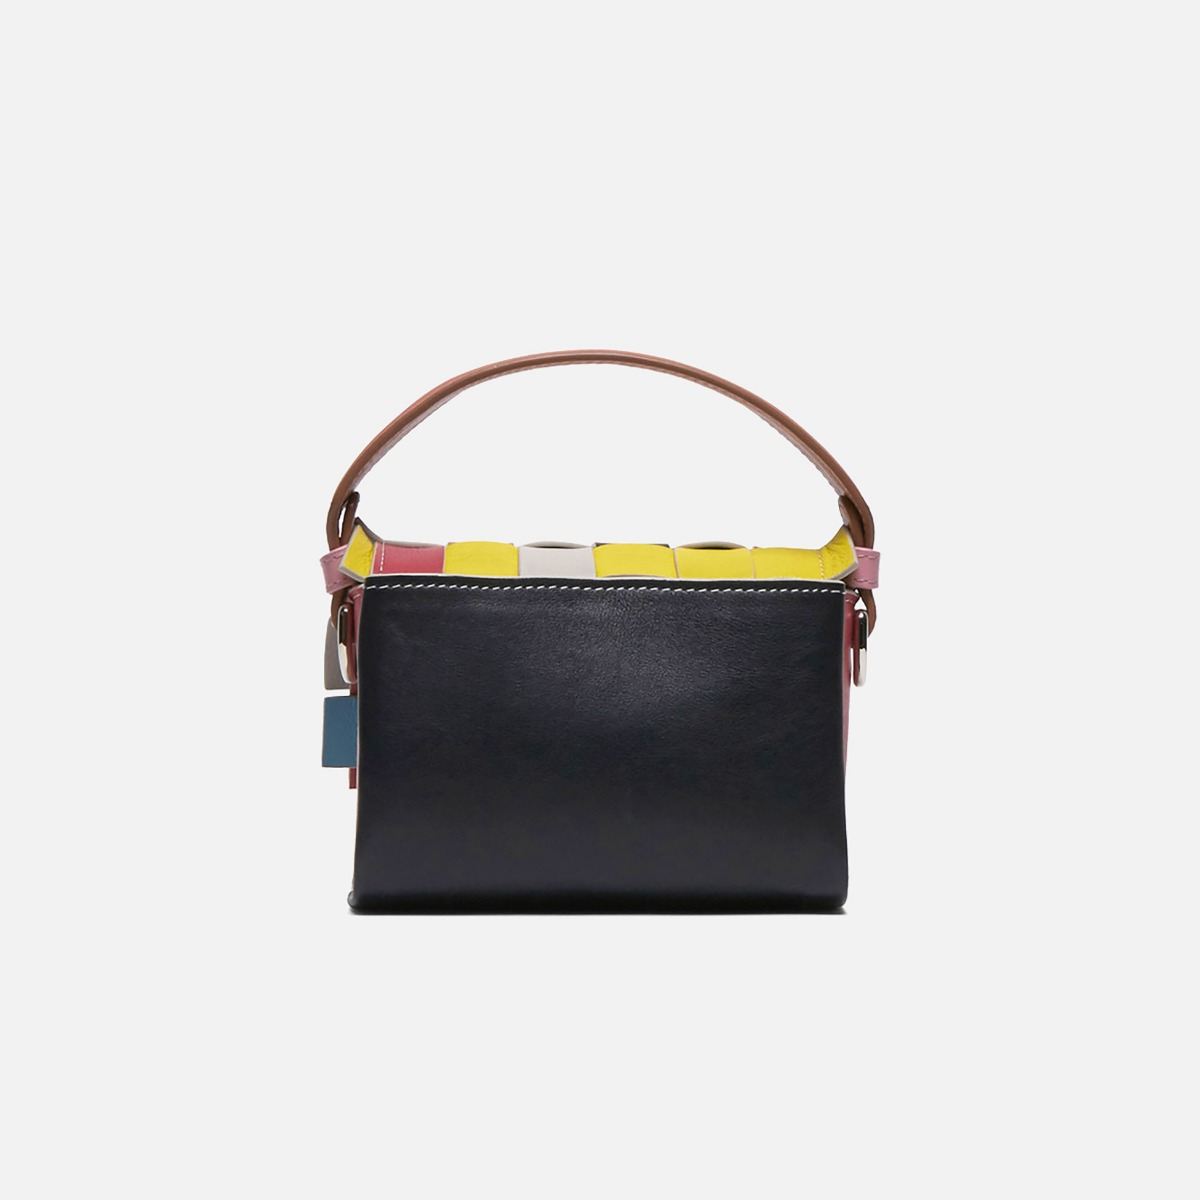 Flap Woven Handbag, large